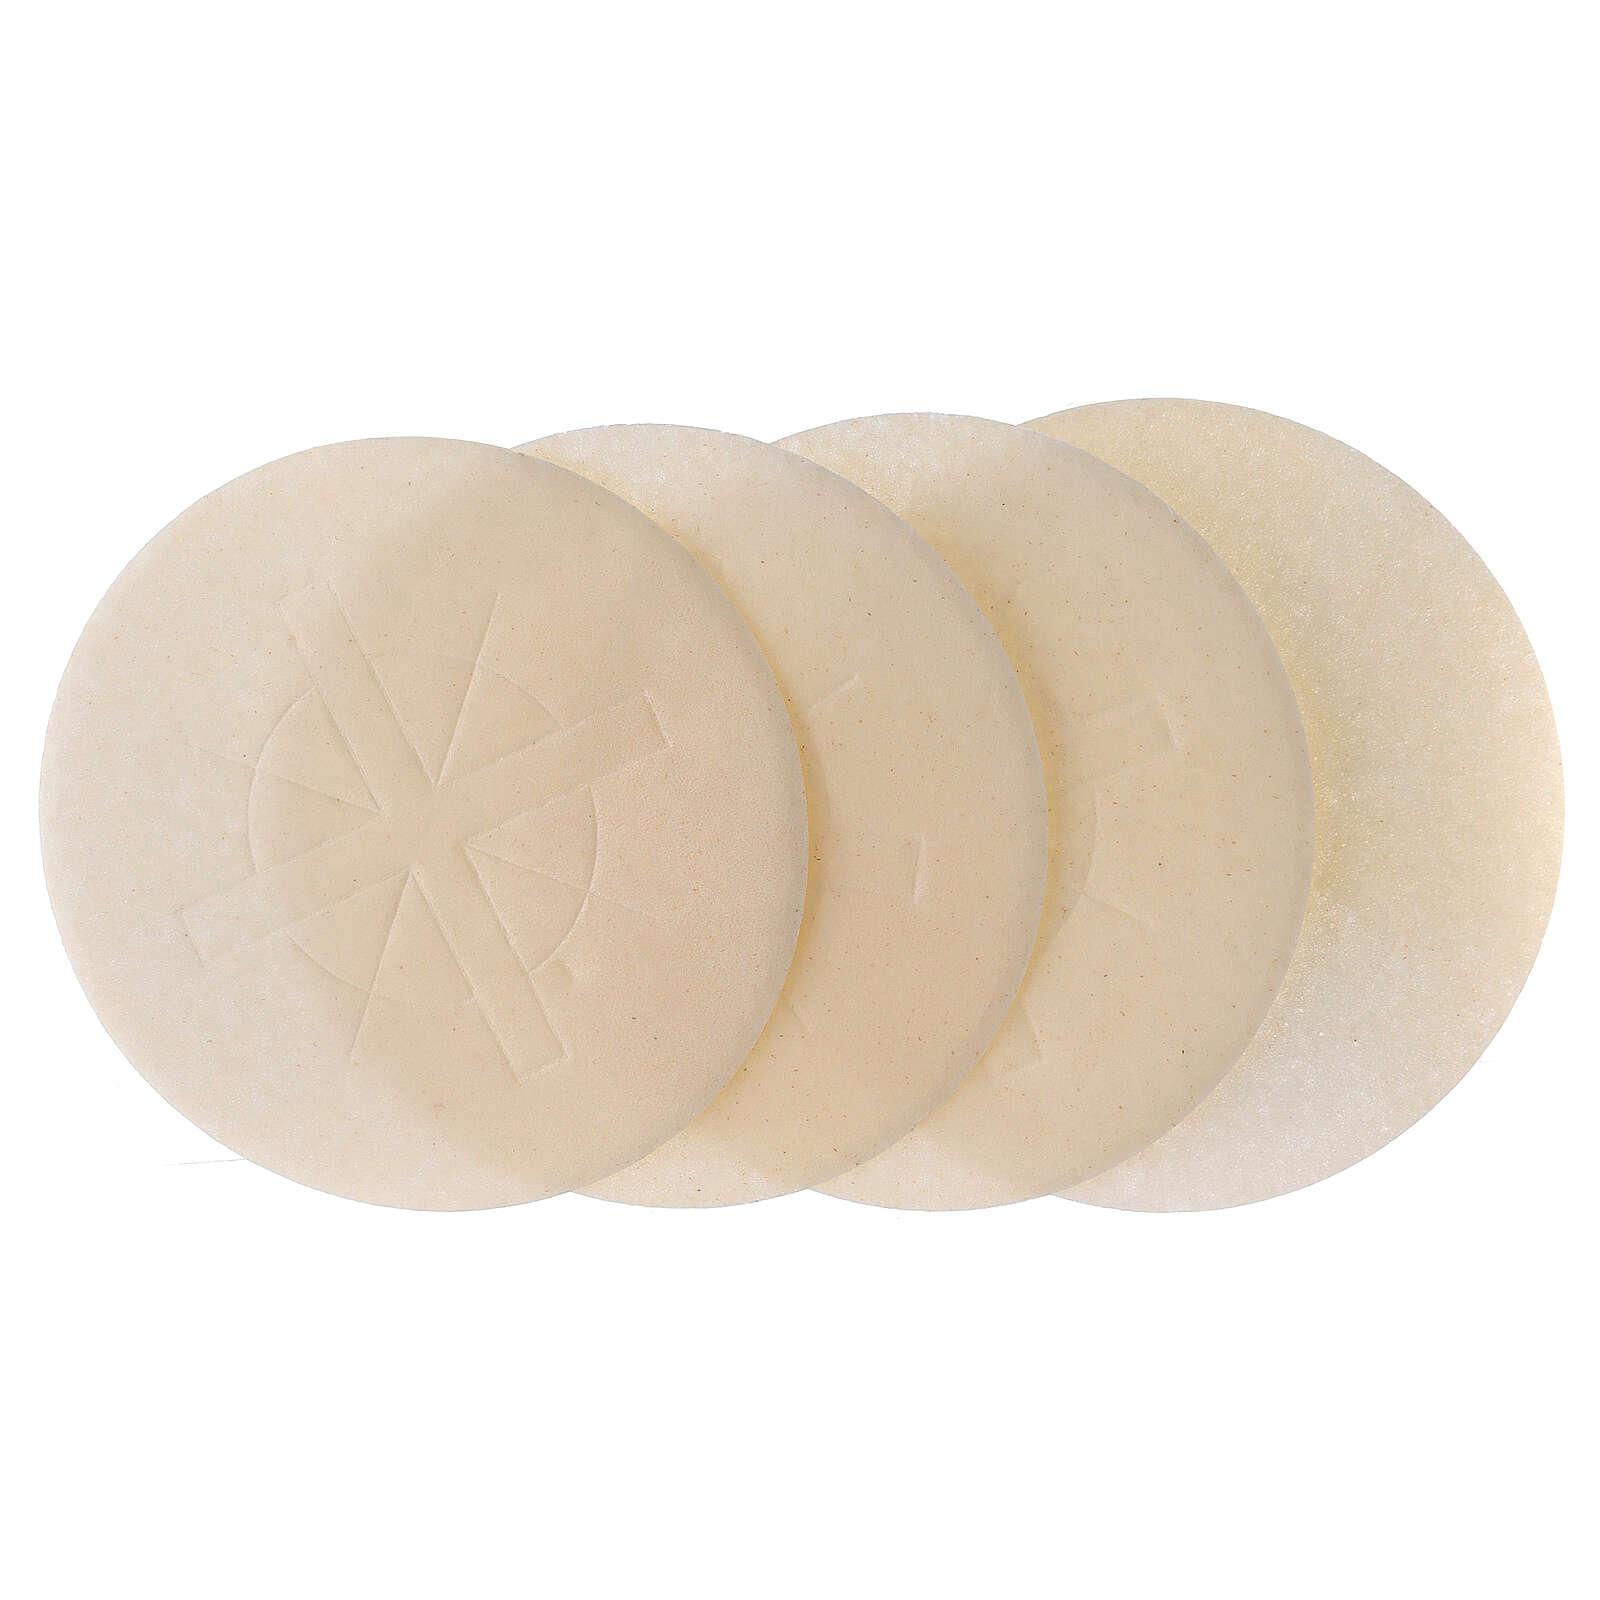 Brothostie mit geschlossenem Rand, 80 mm (Packung zu 25 Stck) 3